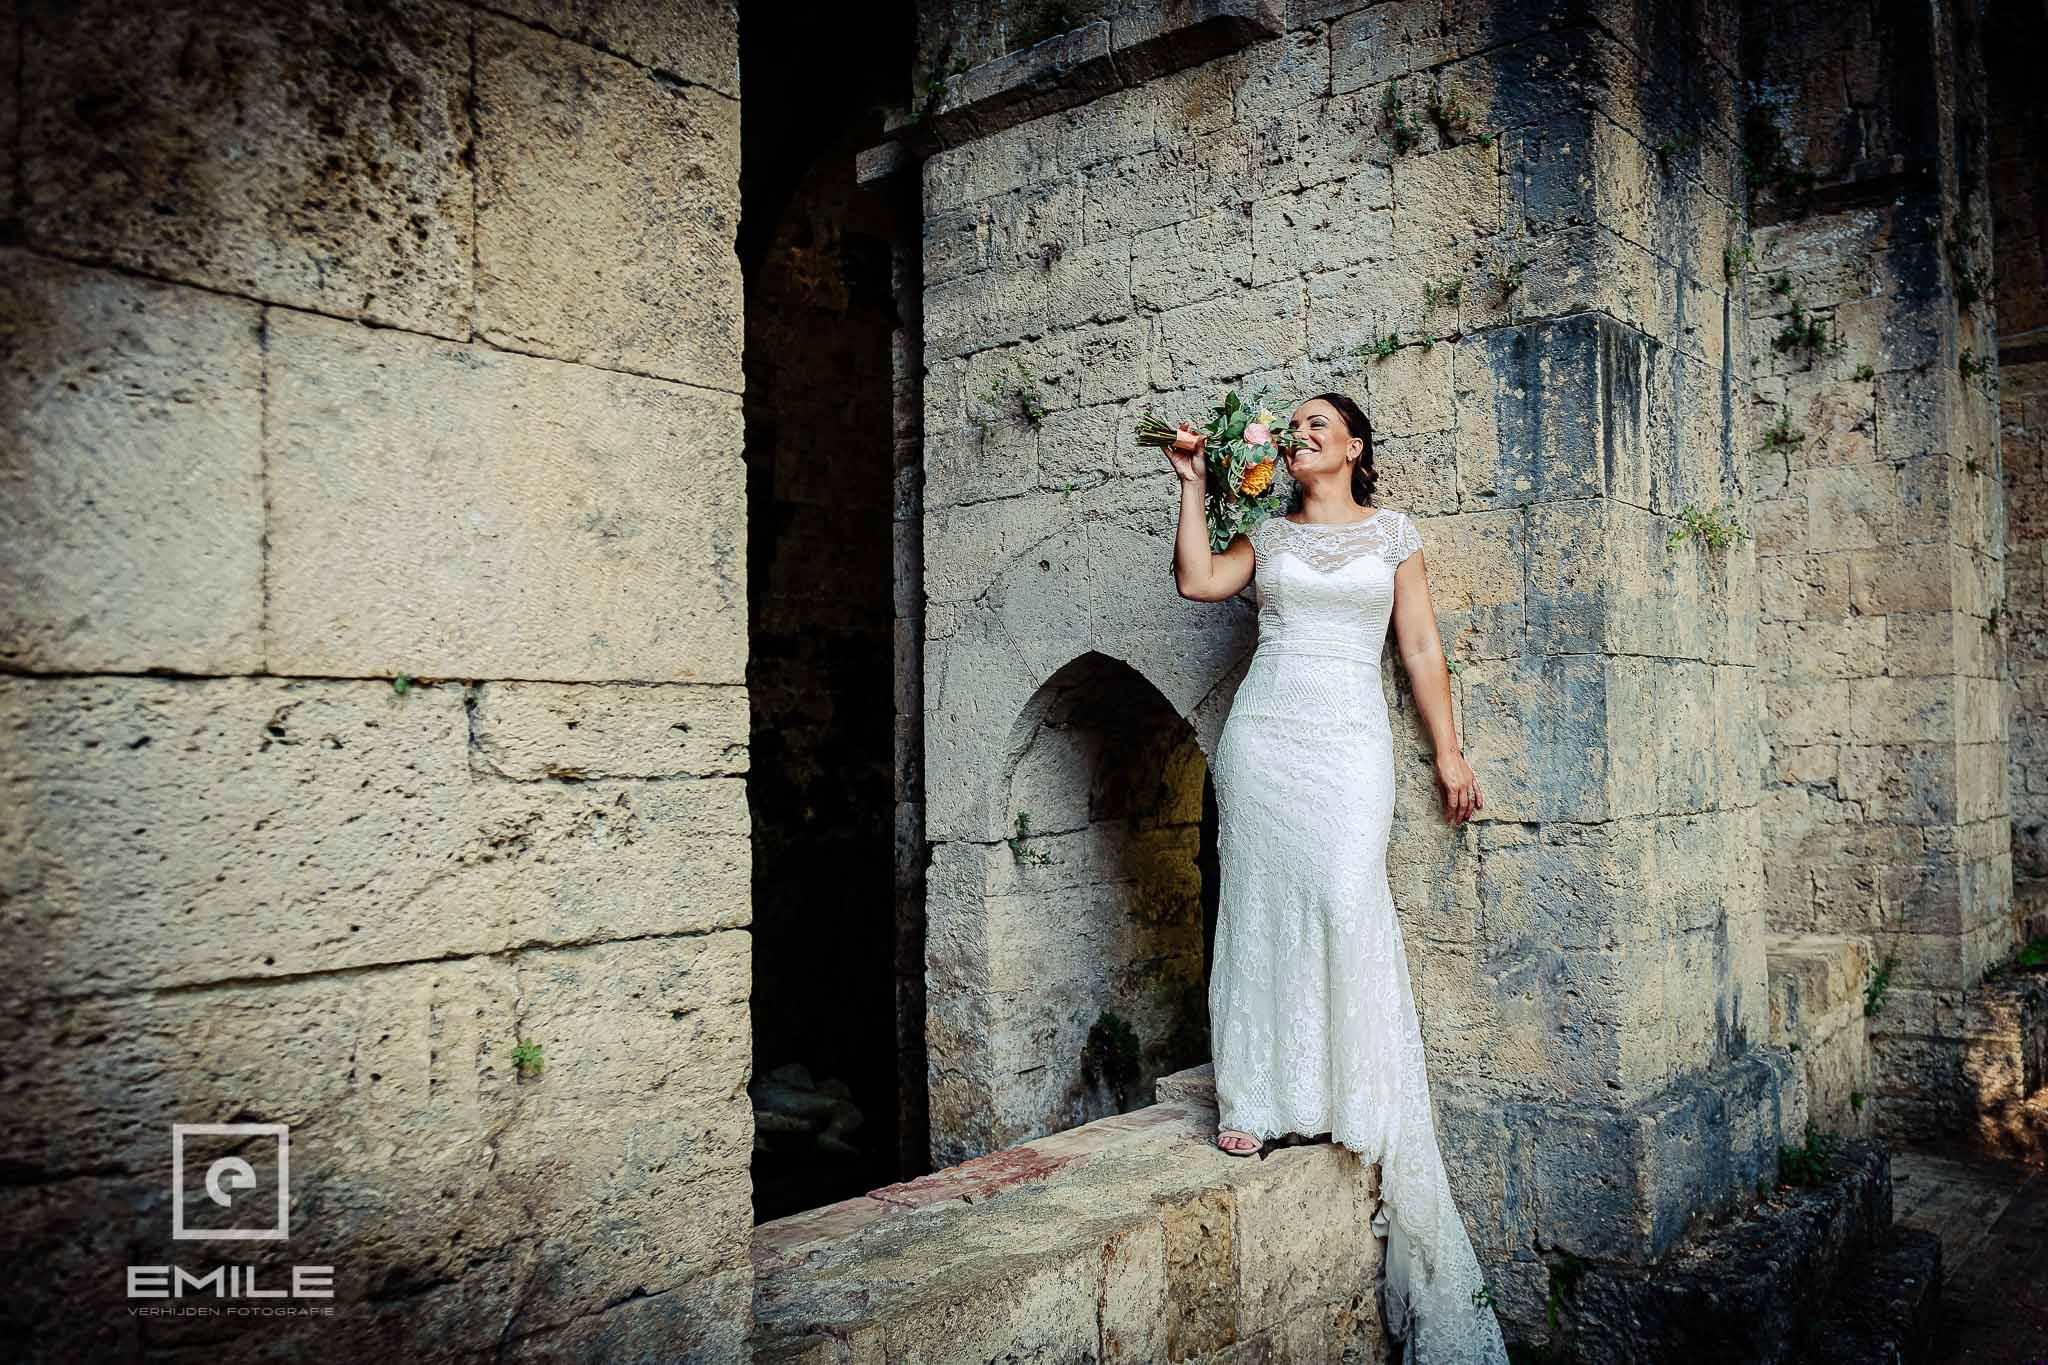 Bruid bij de ruine van Poggibonsi ruikend aan haar boeket - Destination wedding San Gimignano - Toscane Italie - Iris en Job